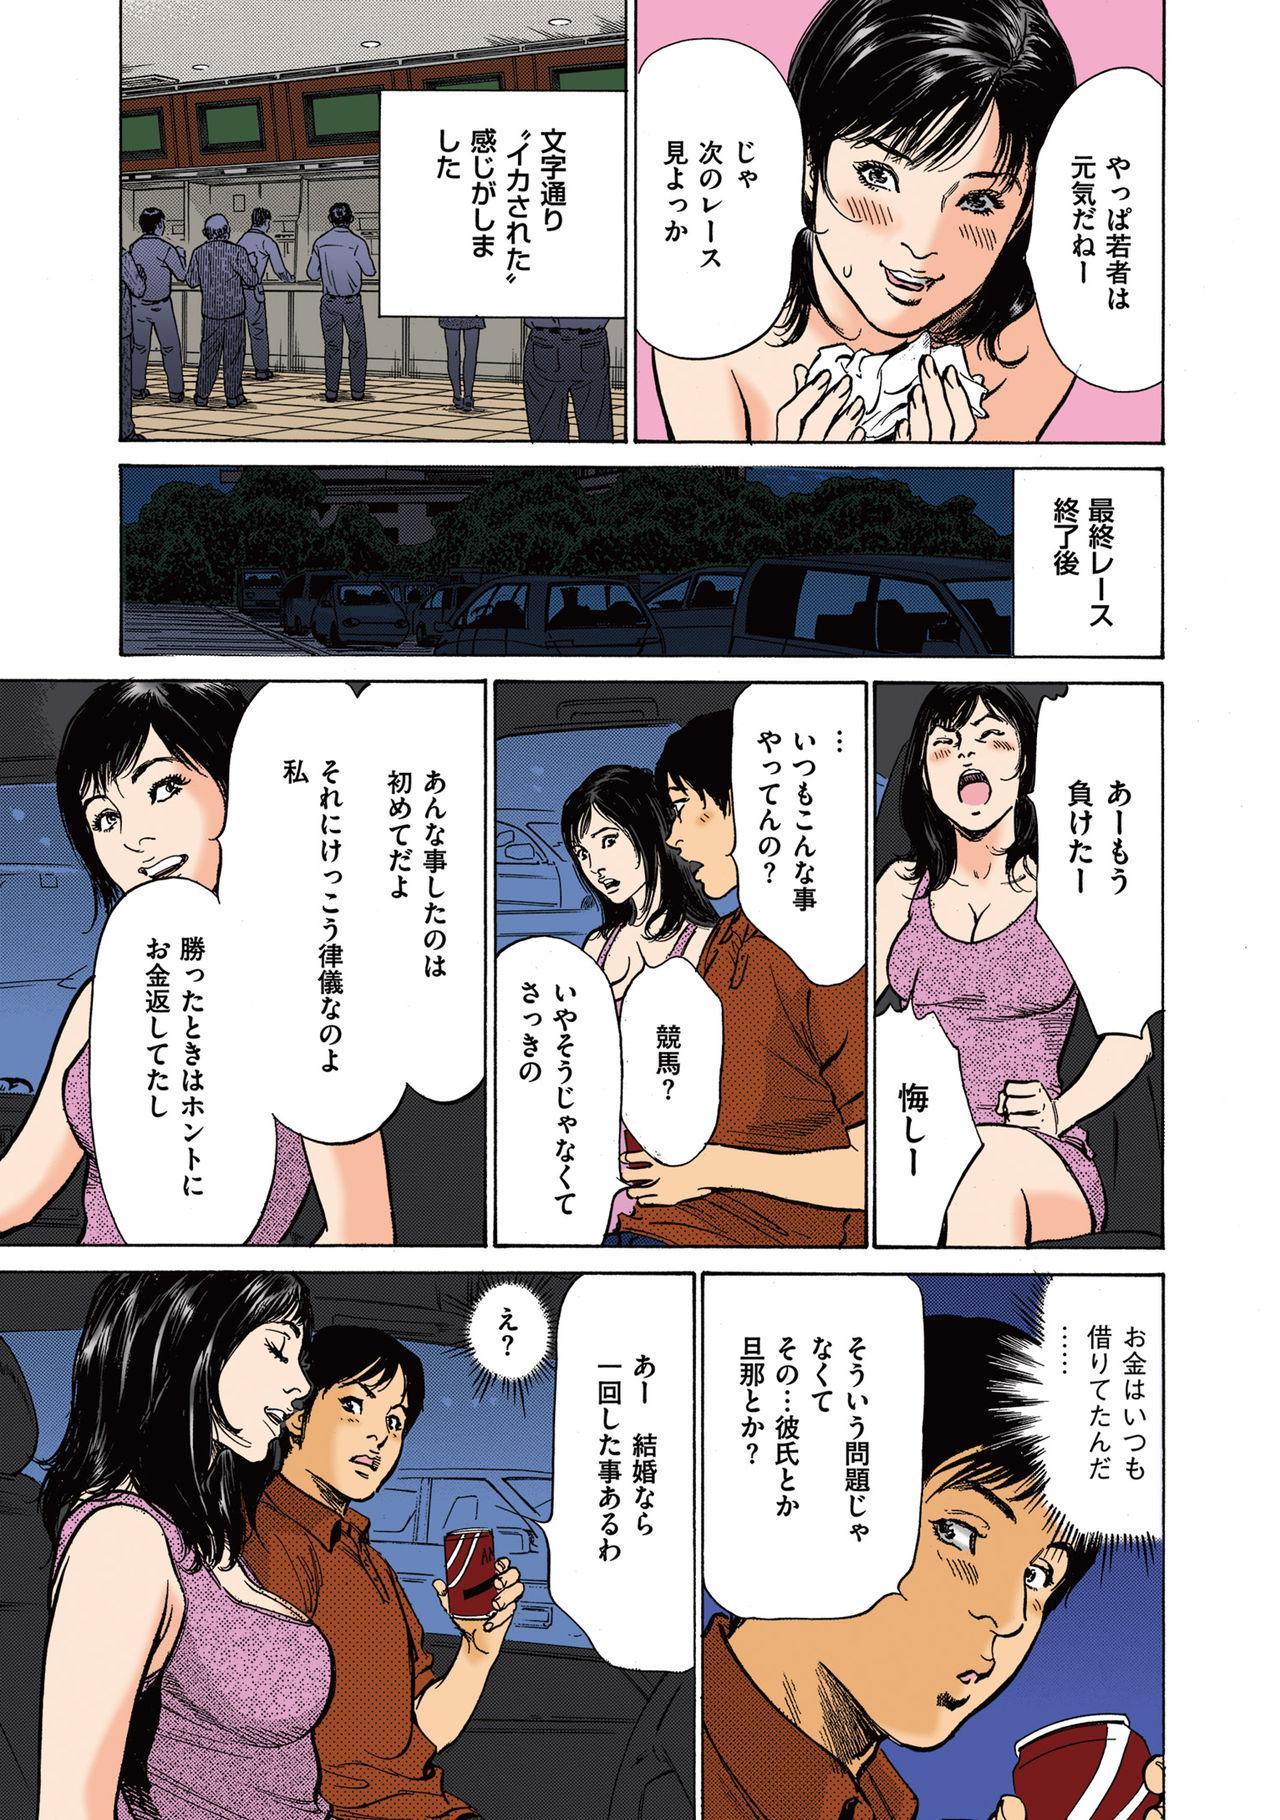 [Hazuki Kaoru] Hazuki Kaoru no Tamaranai Hanashi (Full Color Version) 2-1 46